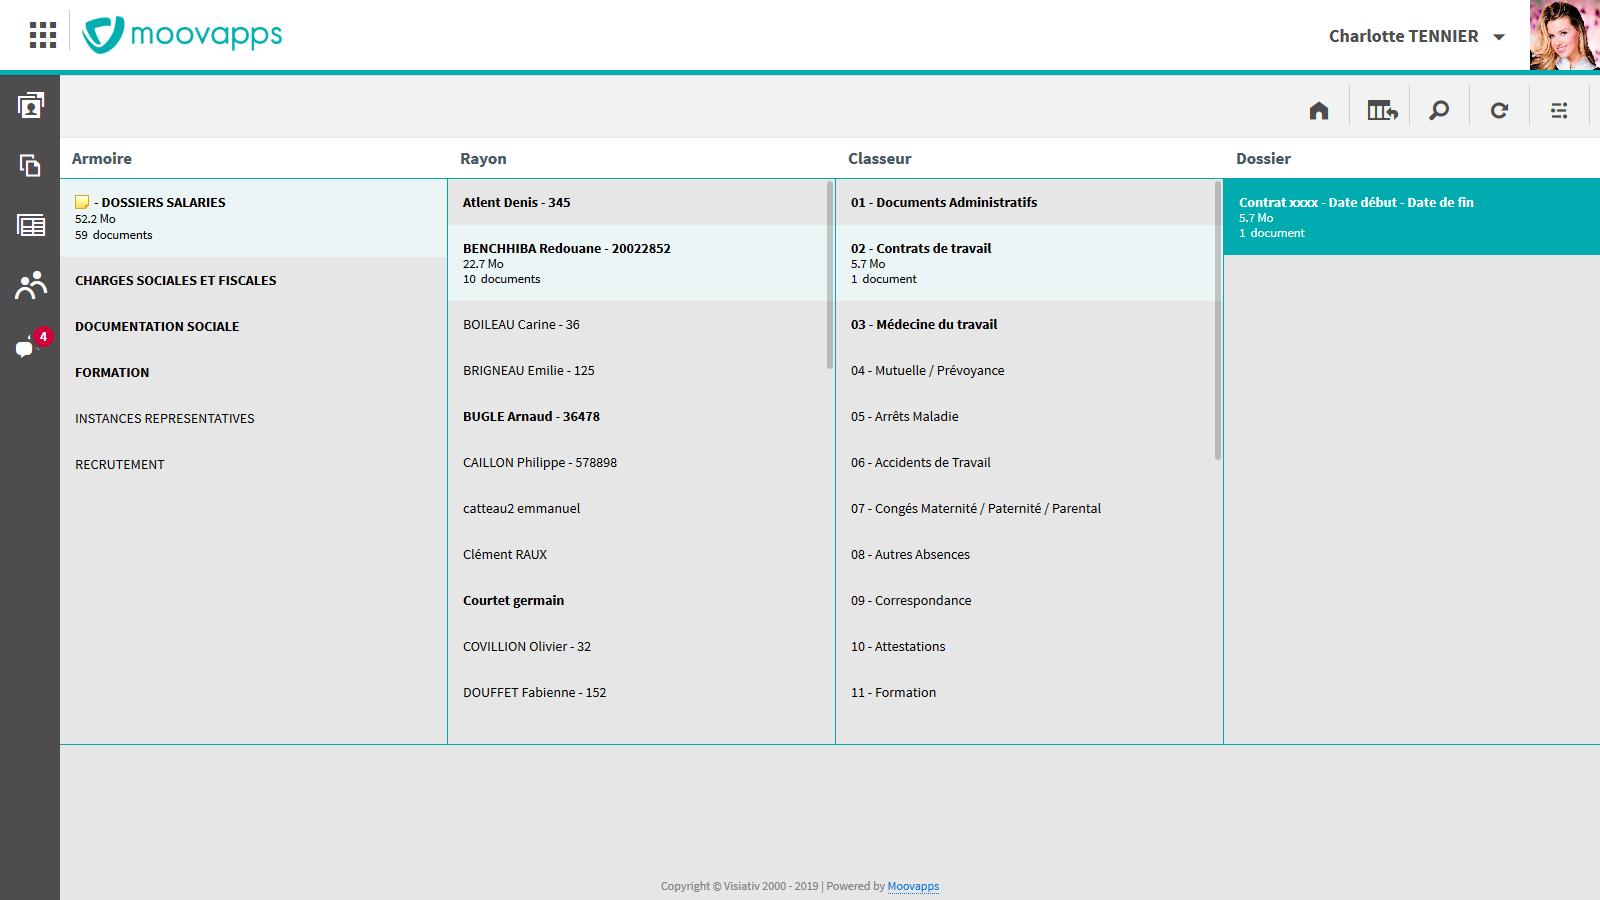 Avis Moovapps Employee Document : Simplifiez et sécurisez vos dossiers RH - Appvizer